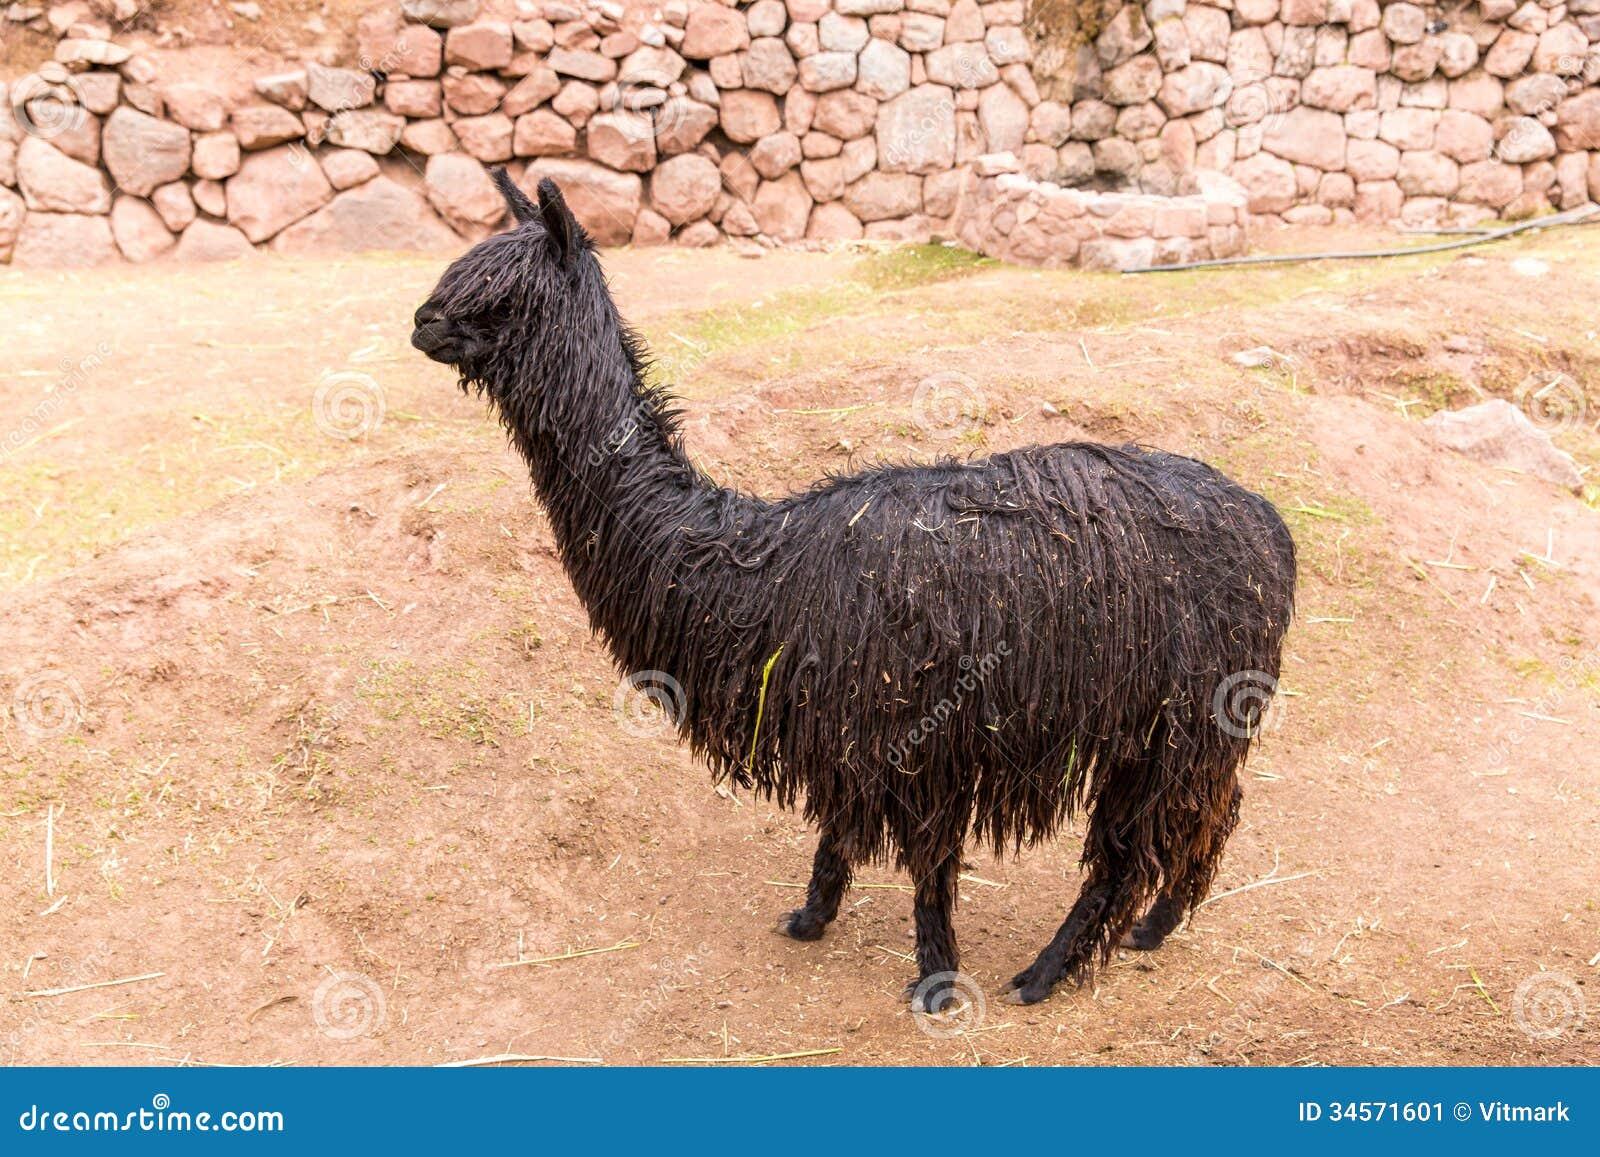 Peruvian Llama Farm Of Llama Alpaca Vicuna In Peru South